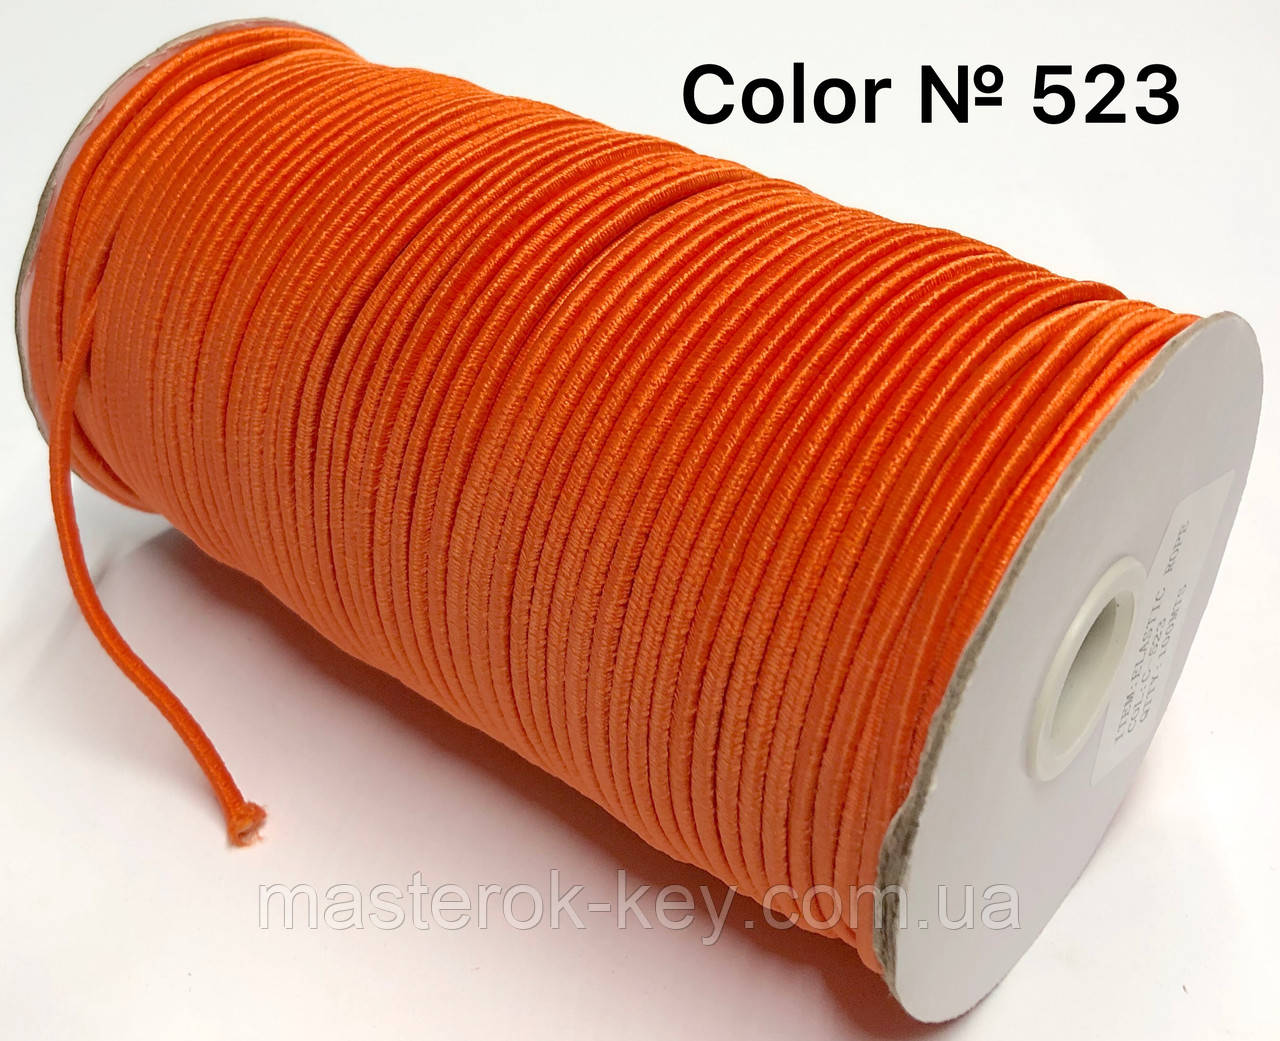 Резинка шляпная 3мм Цвет оранжевый 523